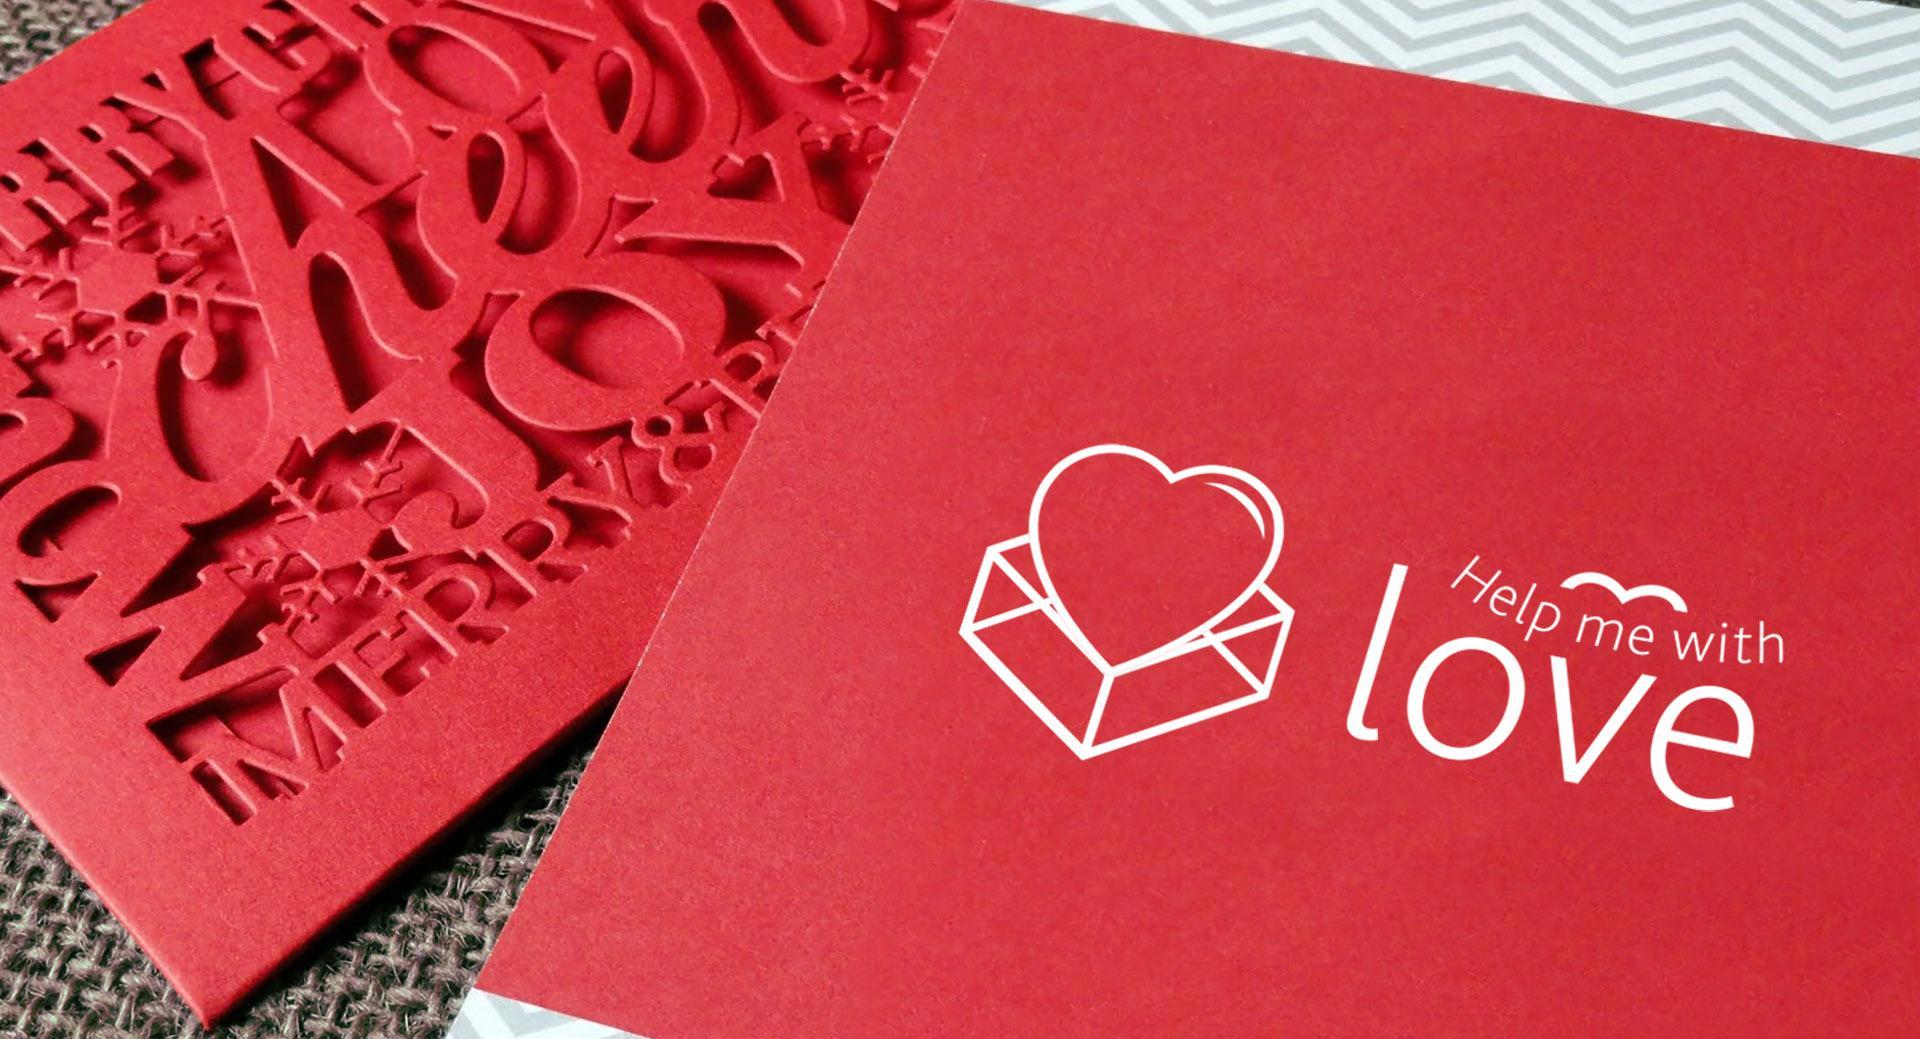 Дизайн логотипа в виде сердца для магазина подарков